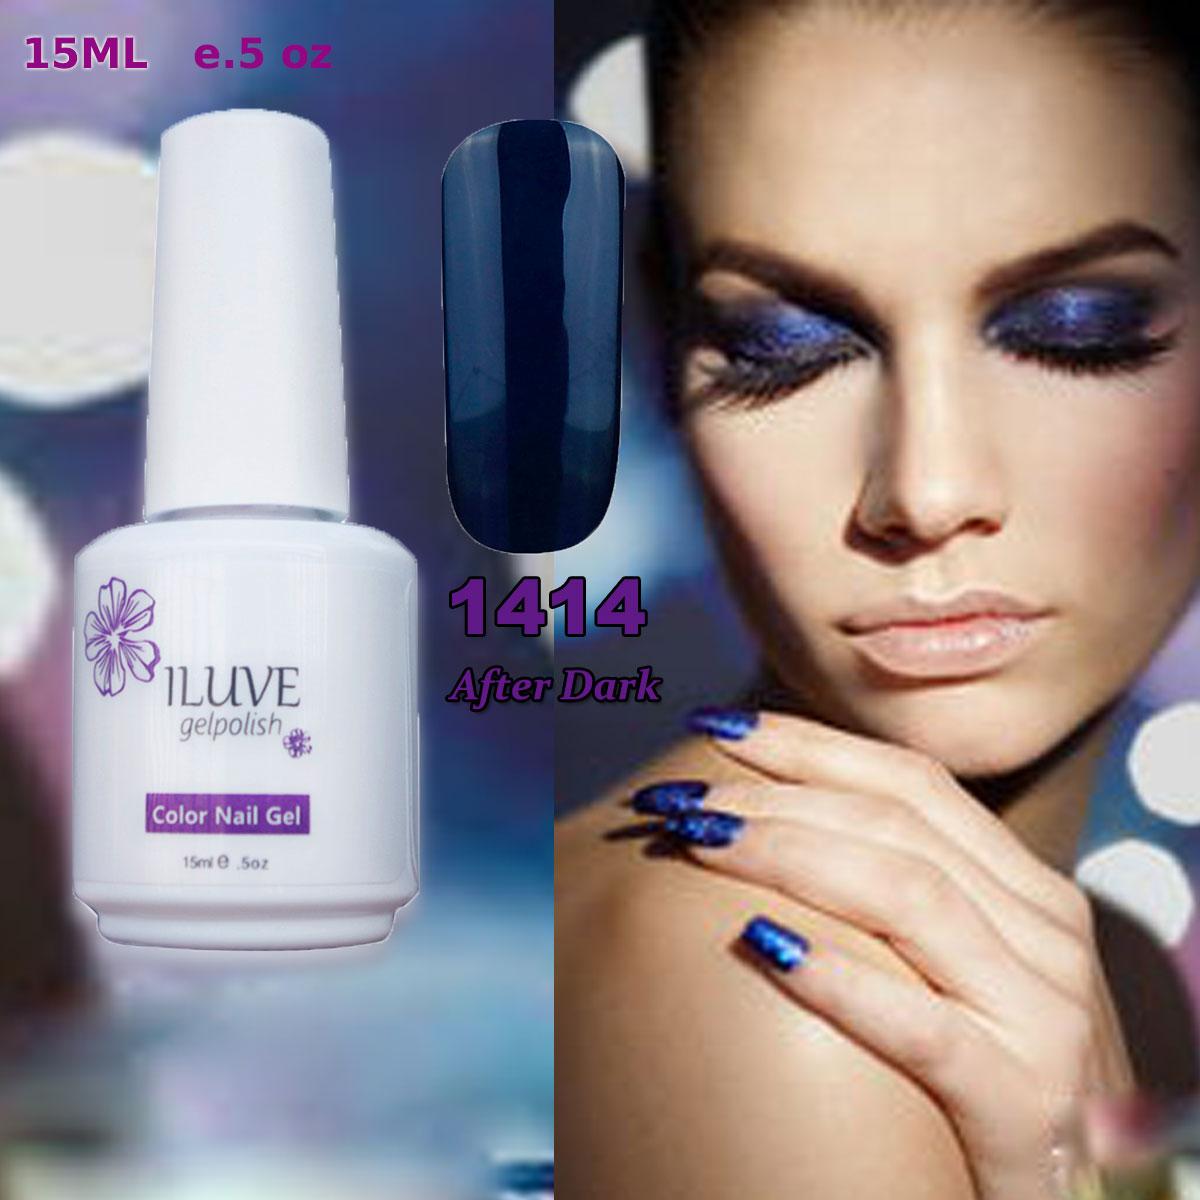 New Year Sales iLuve Professional Gelpolish New Fashion Gel Nail Polish Soak off Gel LED UV